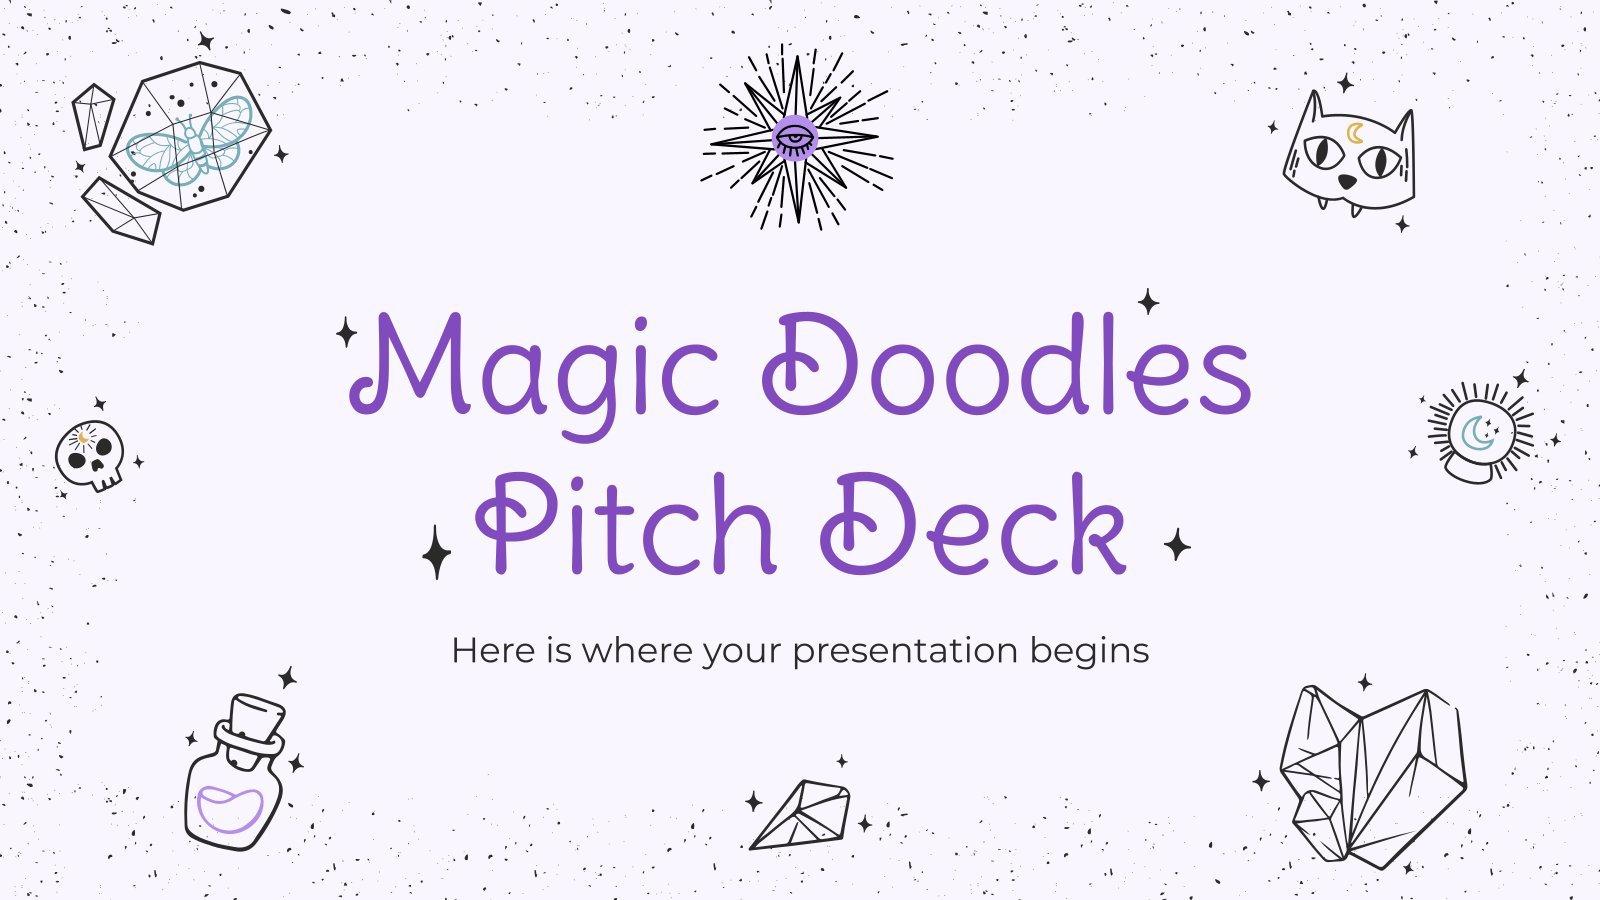 Pitch deck magique avec des gribouillis : Modèles de présentation